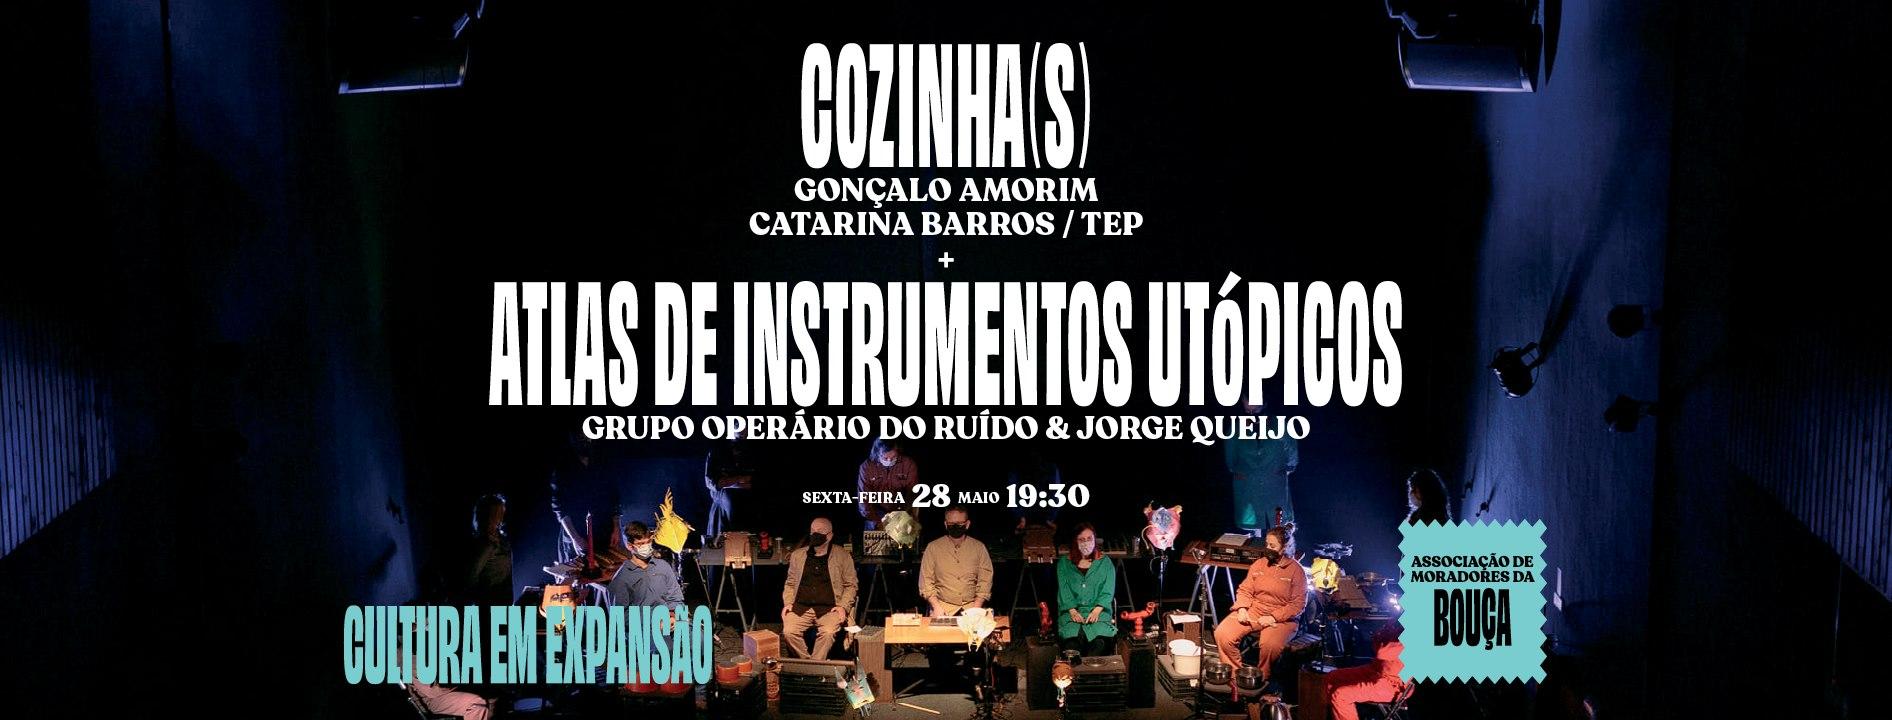 COZINHA(S) + ATLAS DE INSTRUMENTOS UTÓPICOS